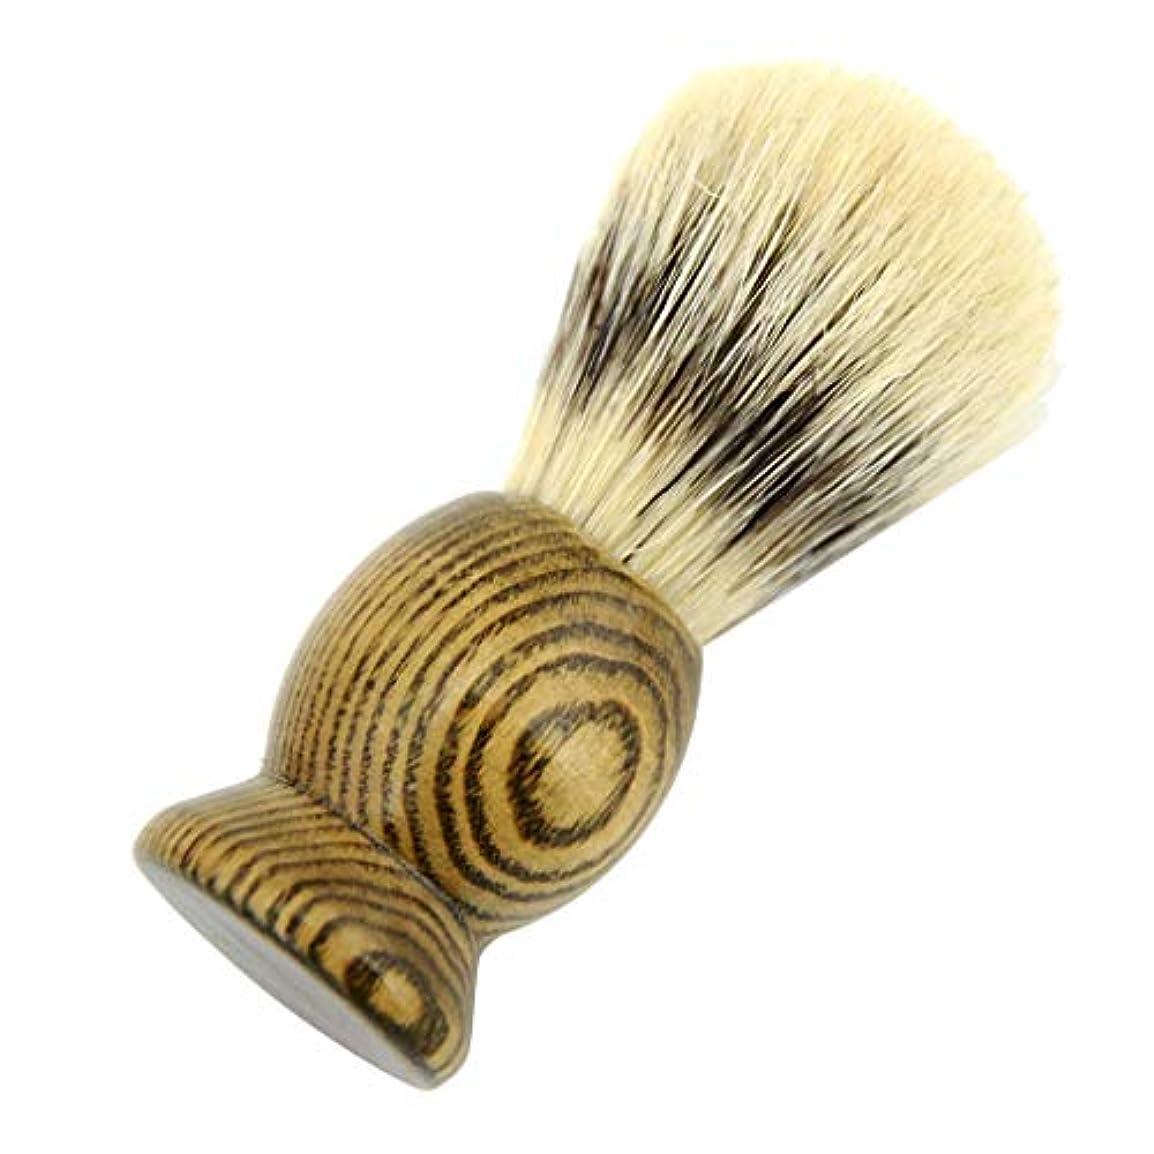 ガイド挑発するもっともらしいsharprepublic ひげブラシ メンズ シェービングブラシ 髭剃り 理容 洗顔 ポータブルひげ剃り美容ツール